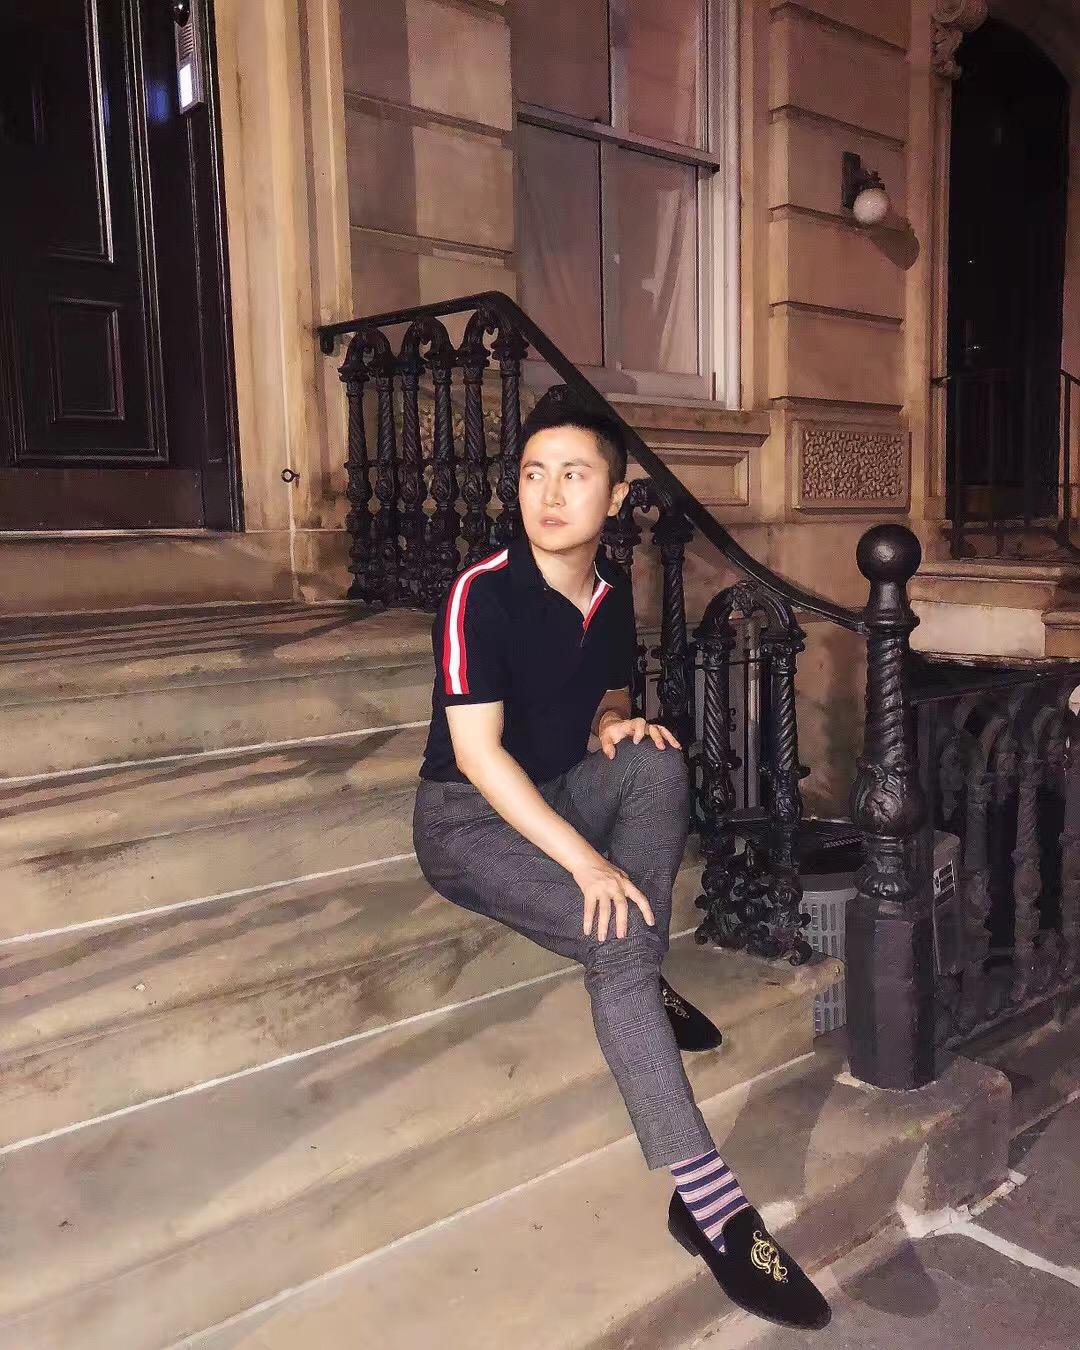 我坐在一幢Townhouse门前的Stoop上面